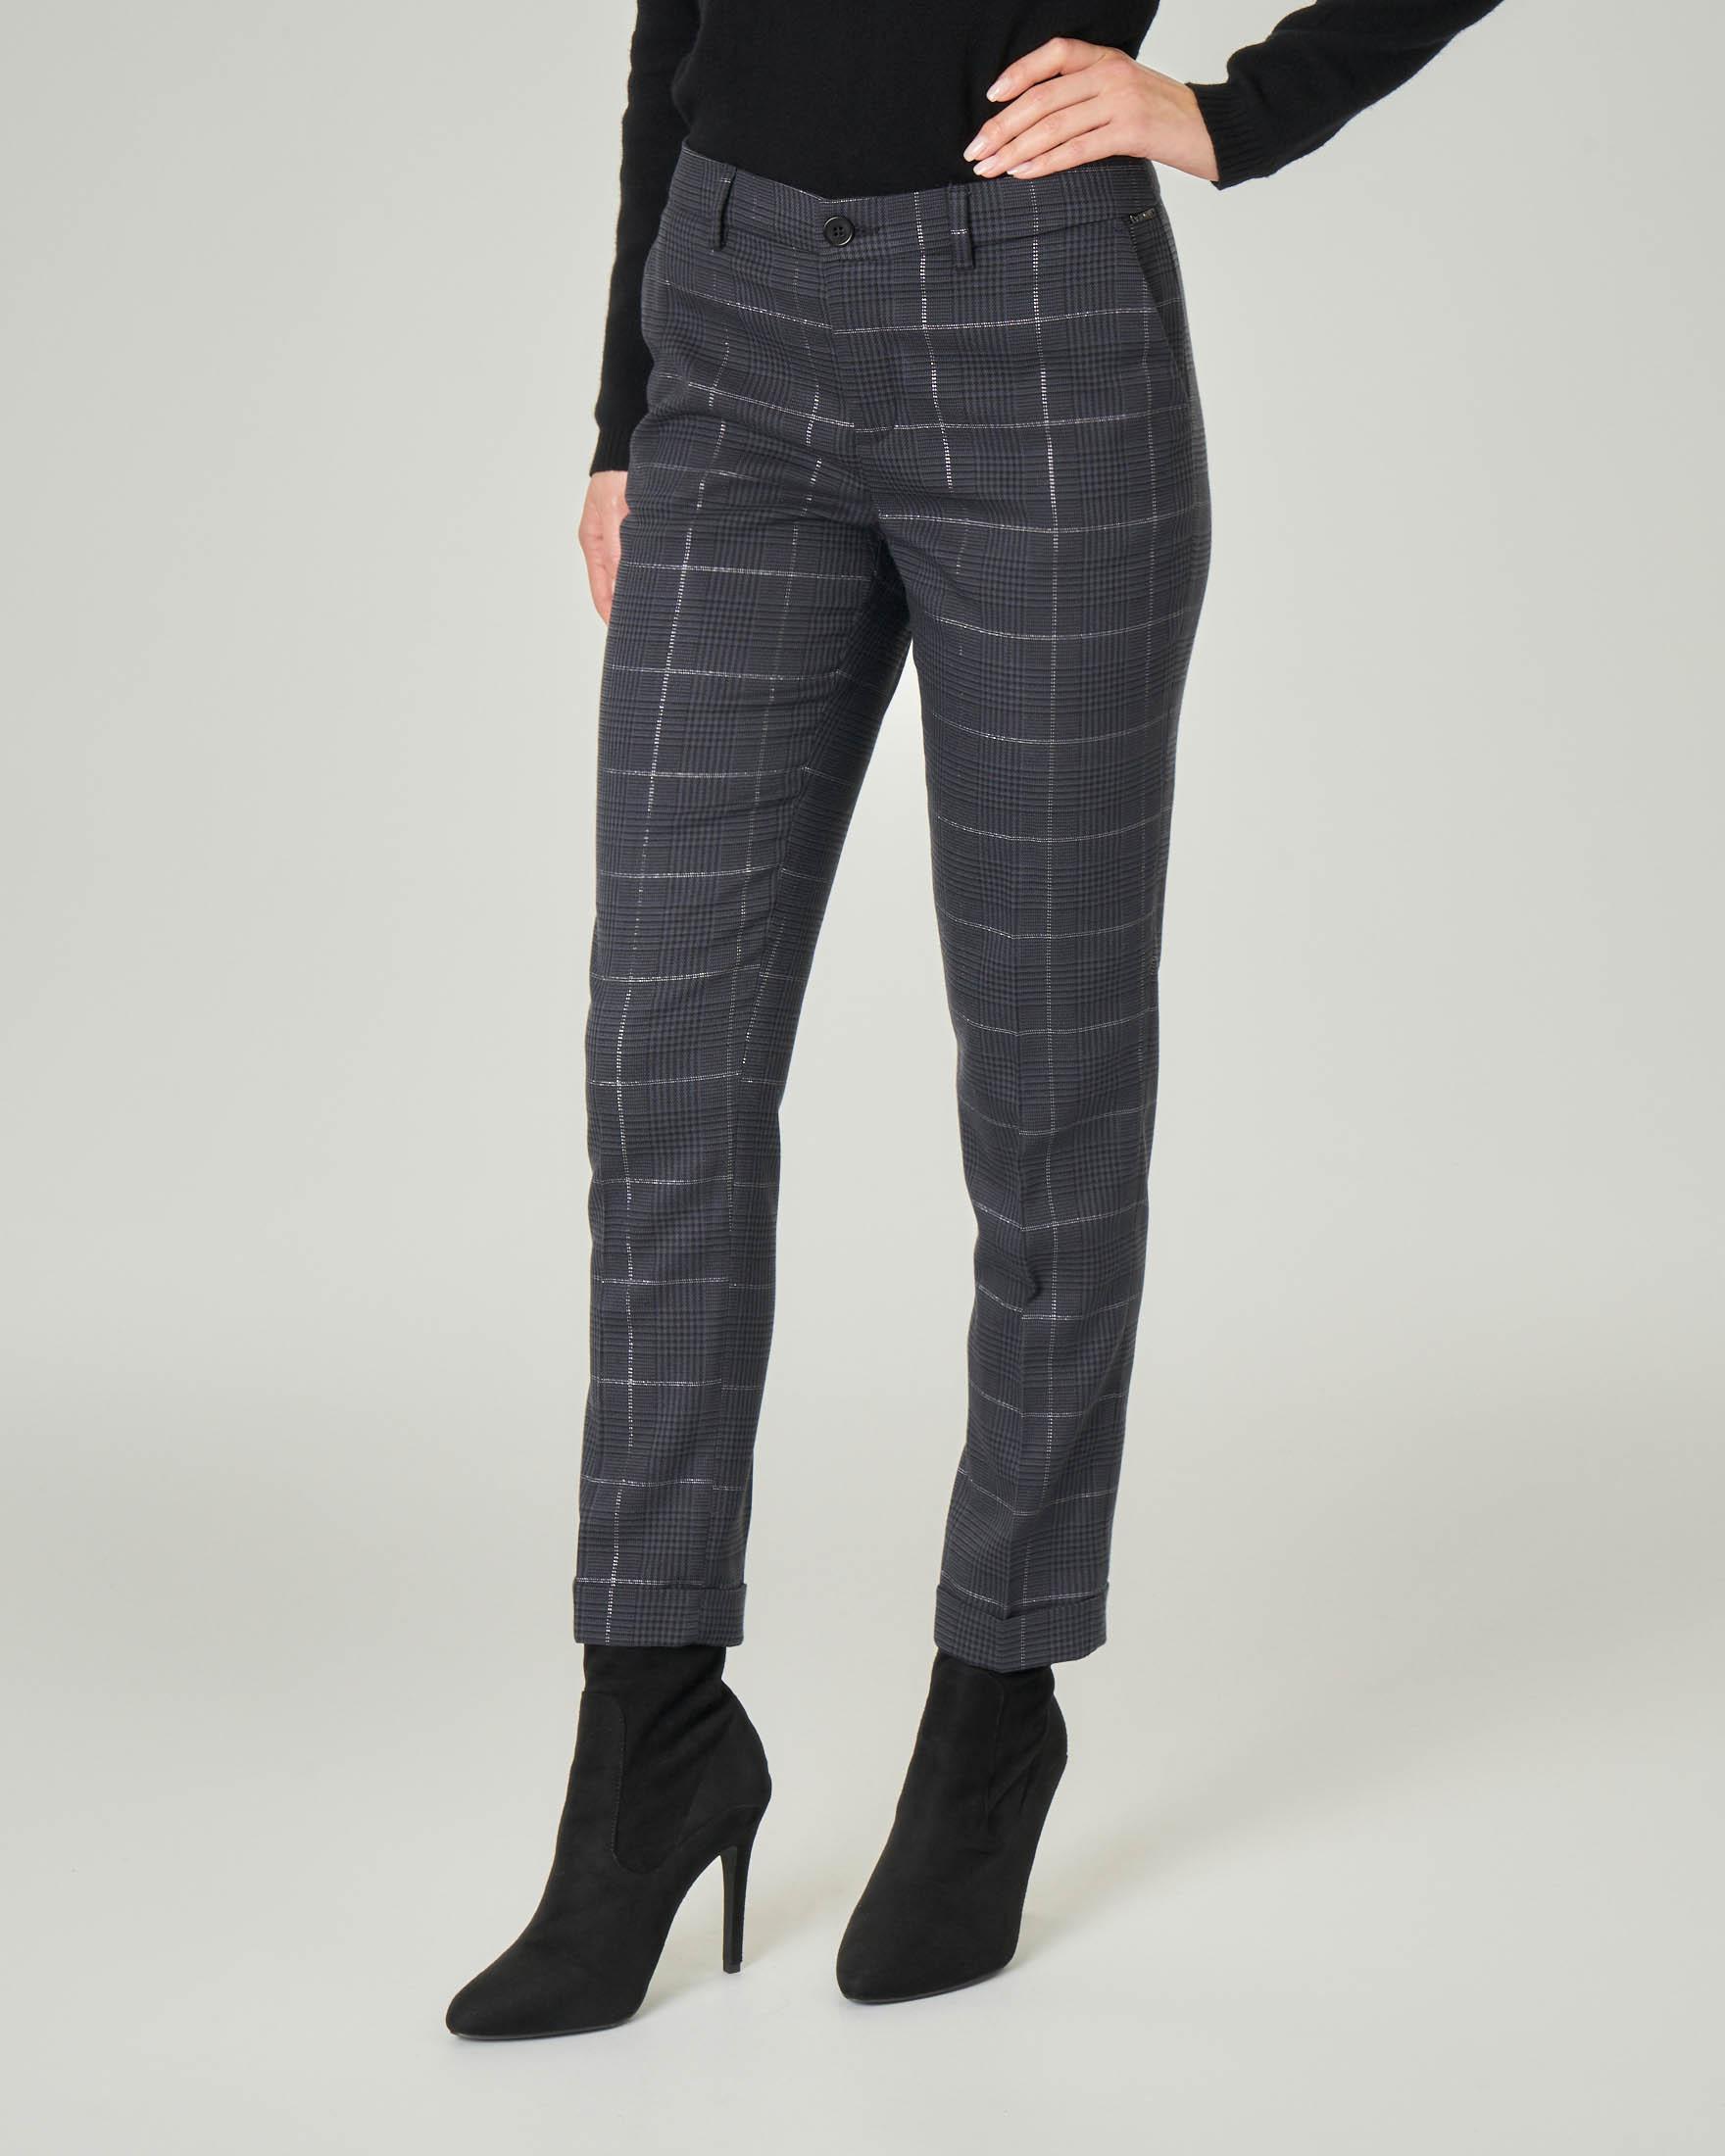 Pantalone slim in tessuto check grigio con inserti in lurex e risvolti